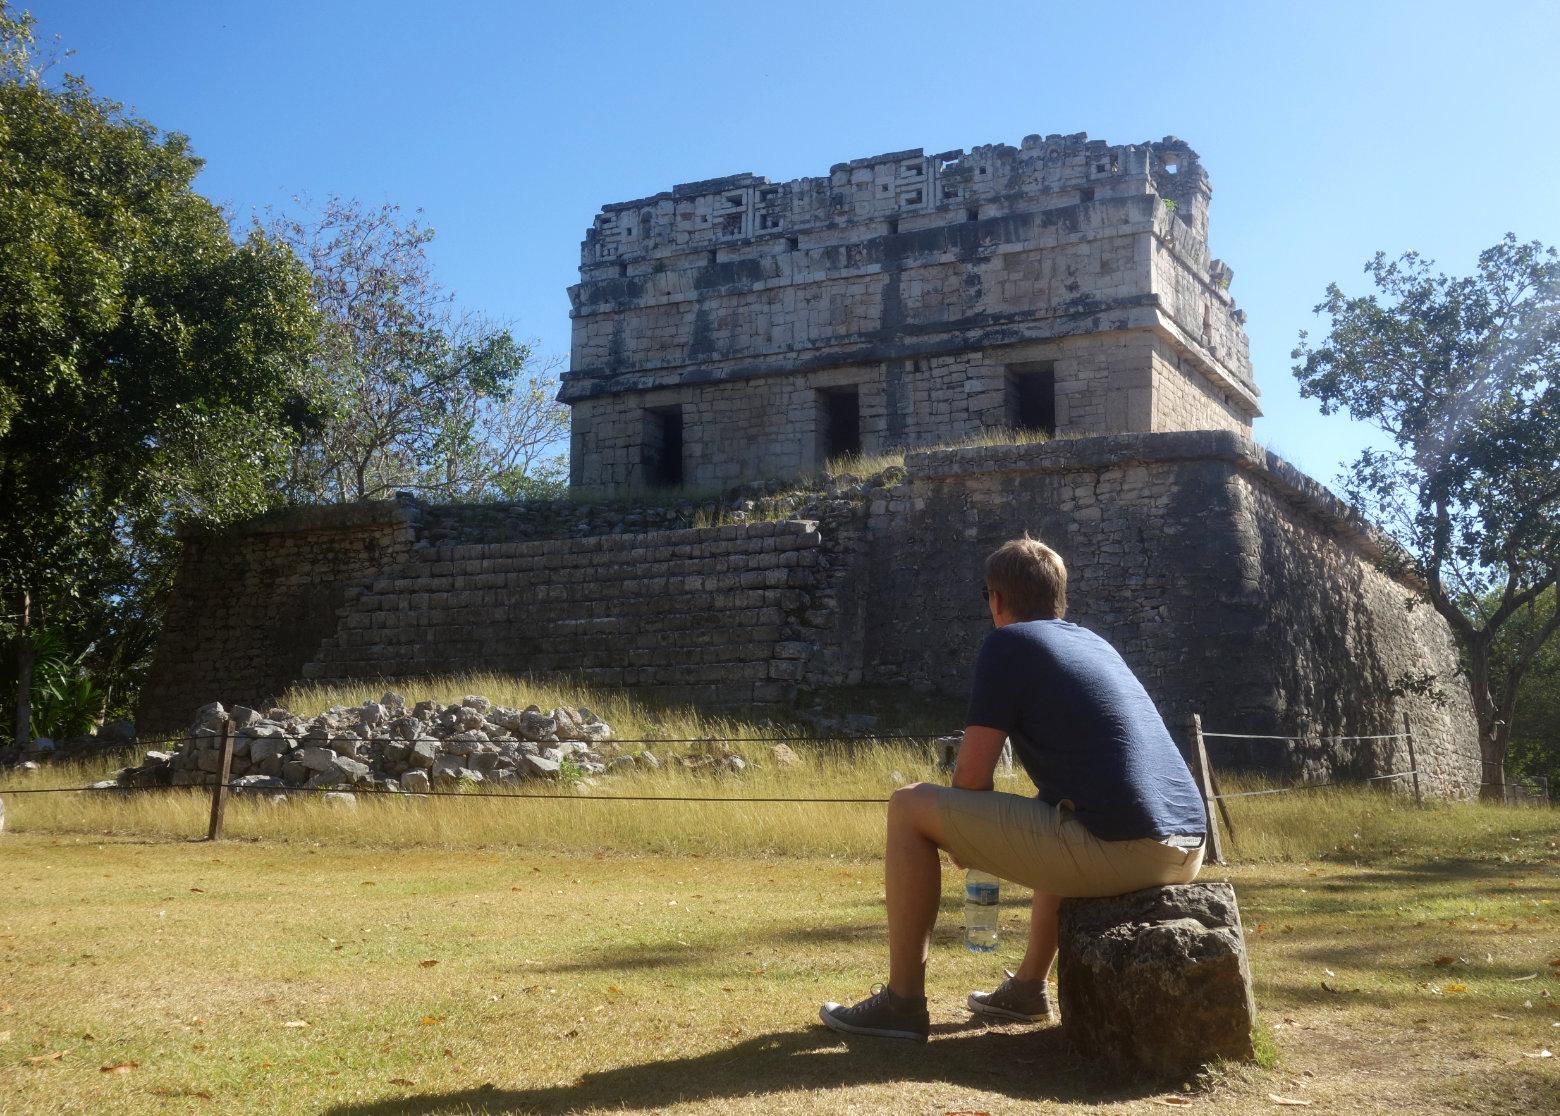 Mexiko Chichén Itzá Casa Colorada